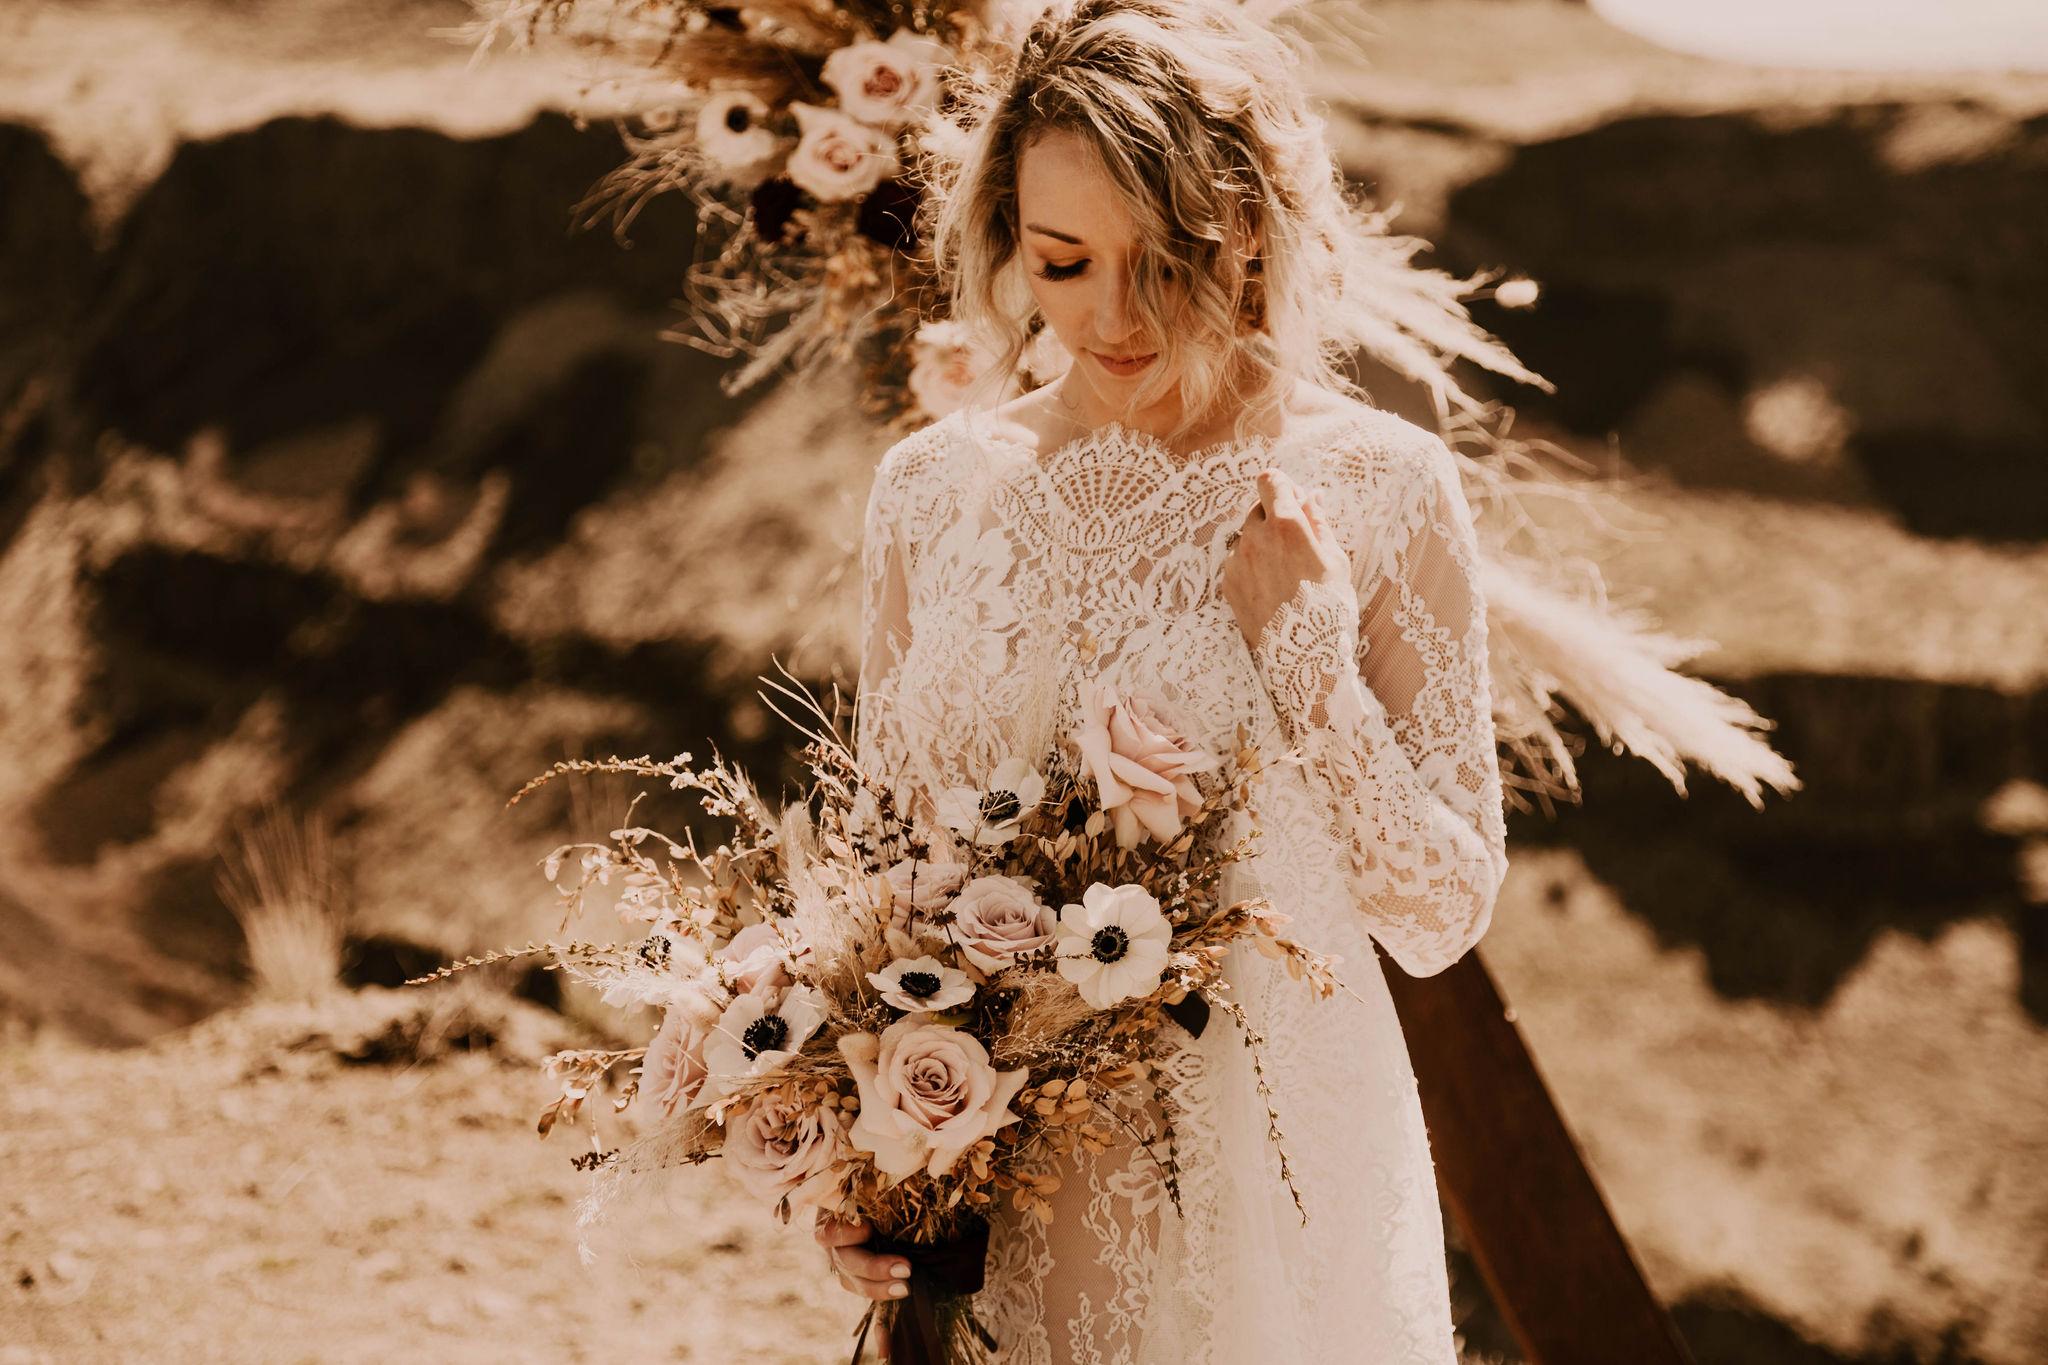 spokane bride summer wedding